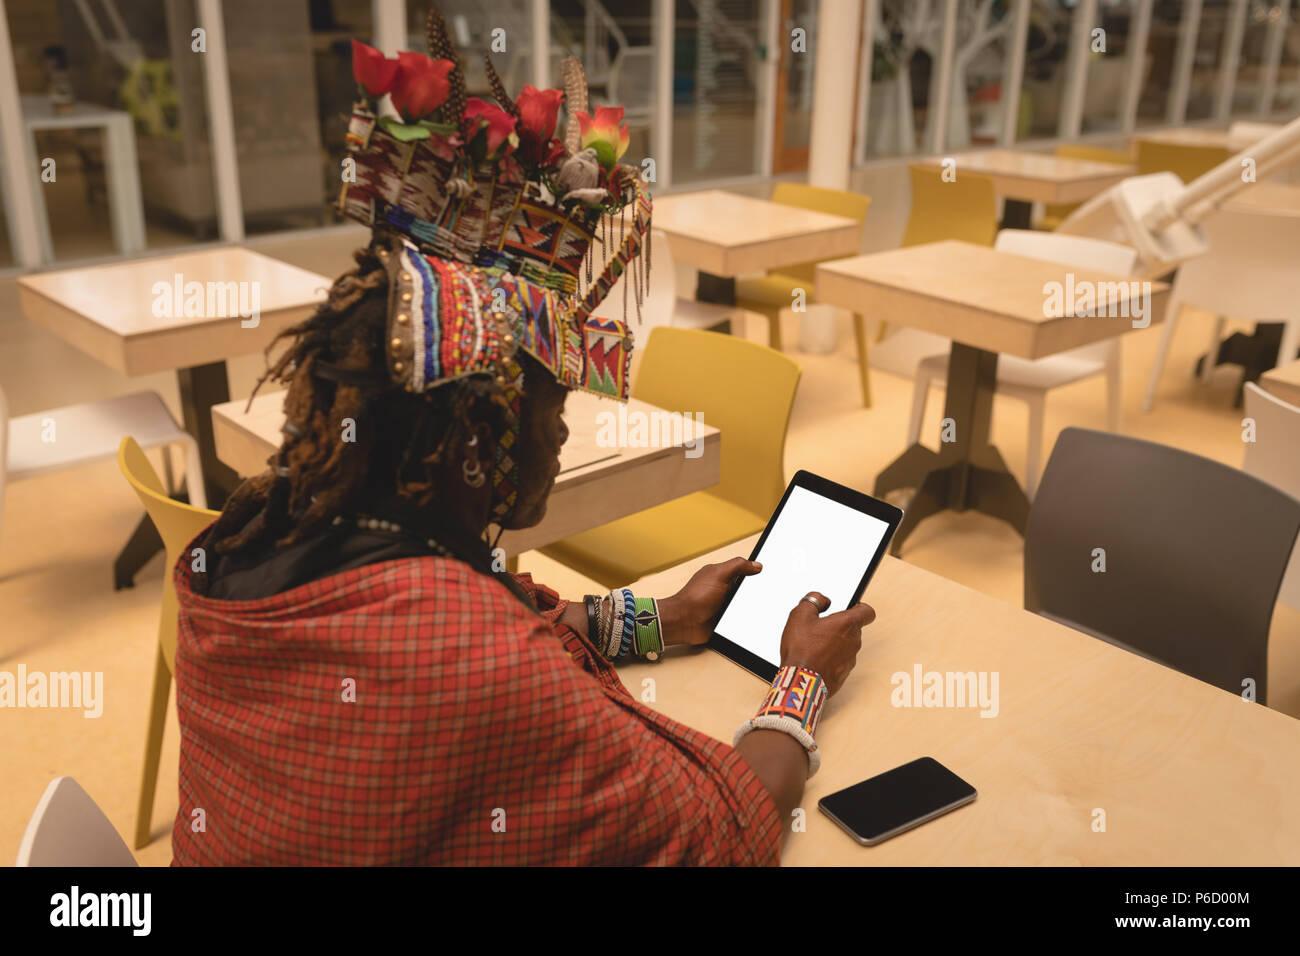 L'homme en costume traditionnel massaï using digital tablet Banque D'Images